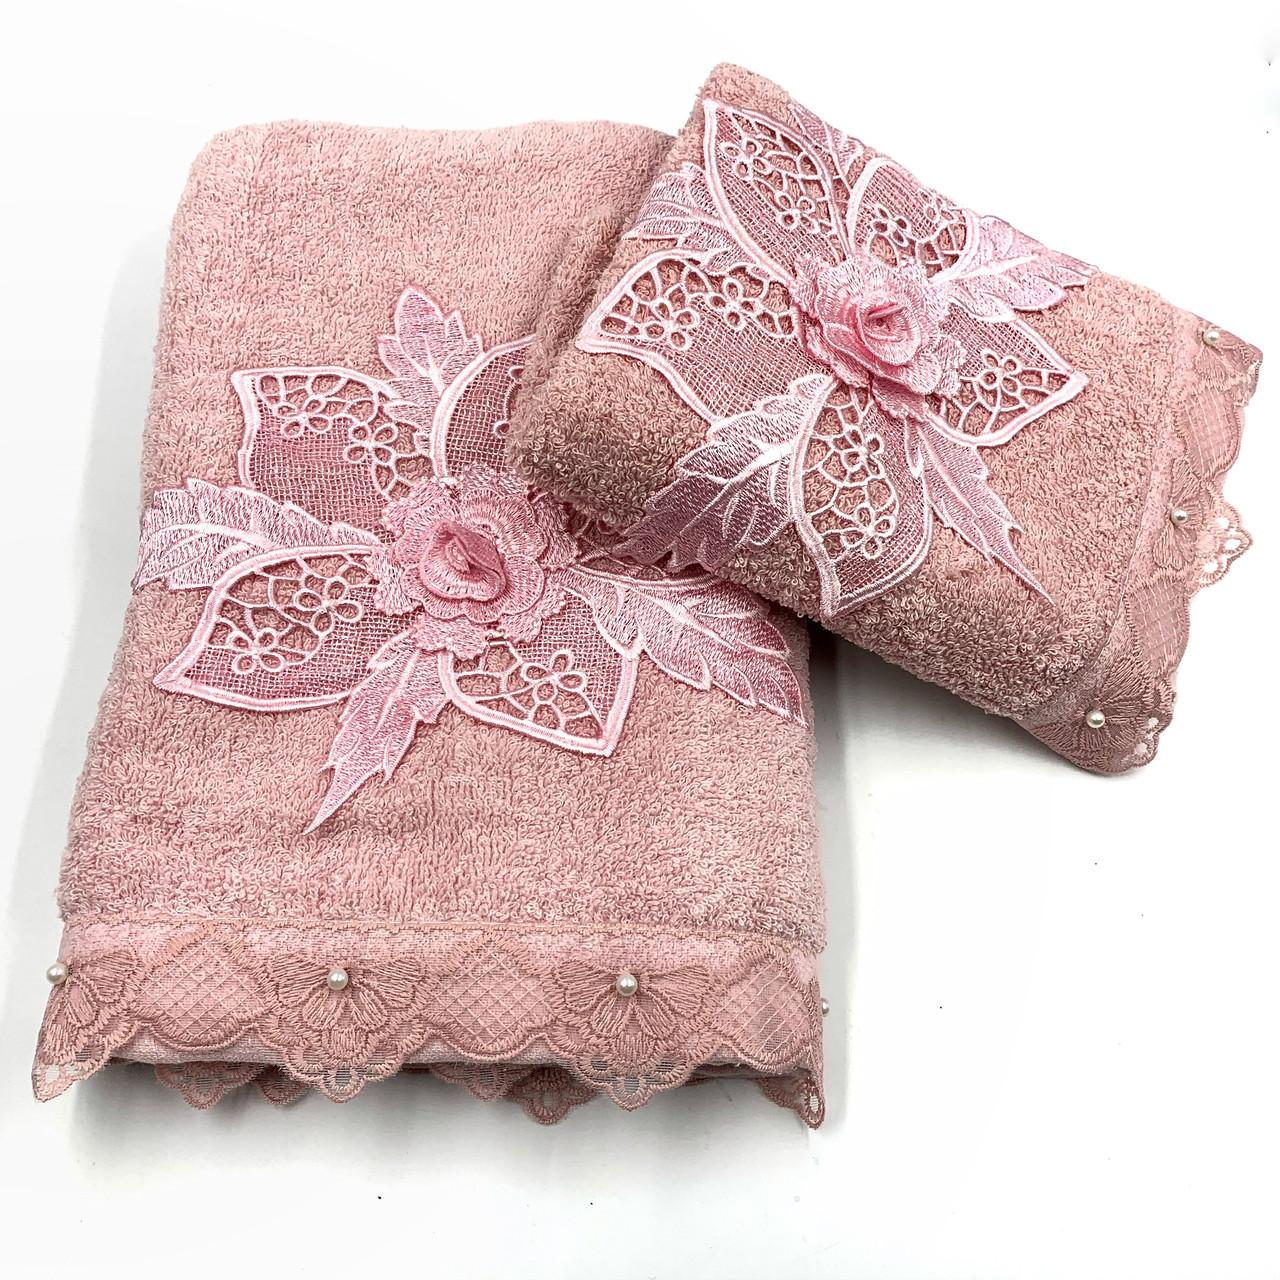 Набор махровых полотенец «Цветочное кружево» из 2шт. лицевое и банное , пудра